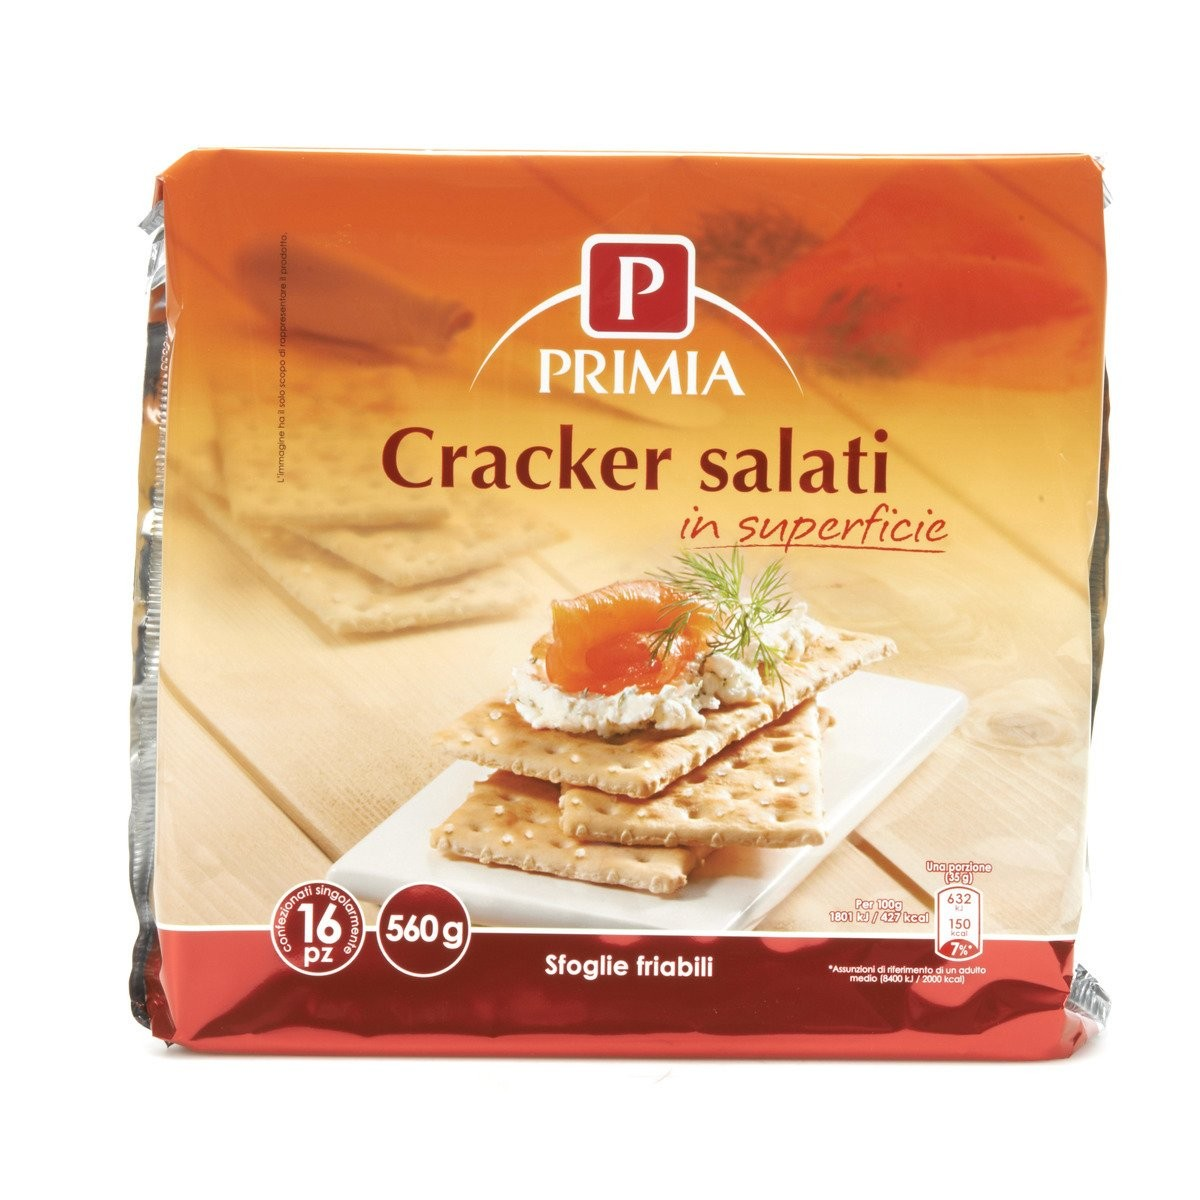 Cracker salati in superficie